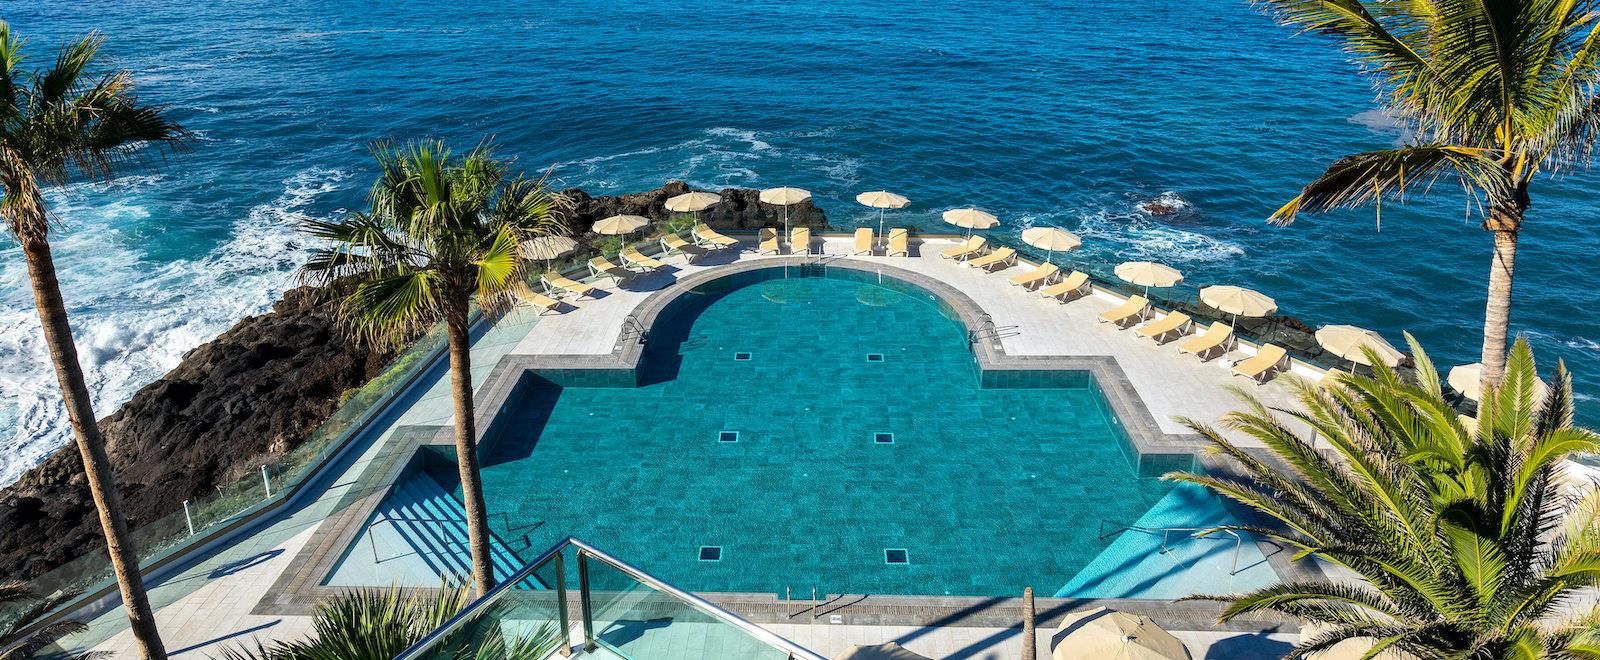 Supertrips - Sol La Palma – Hotel/appartementen La Palma